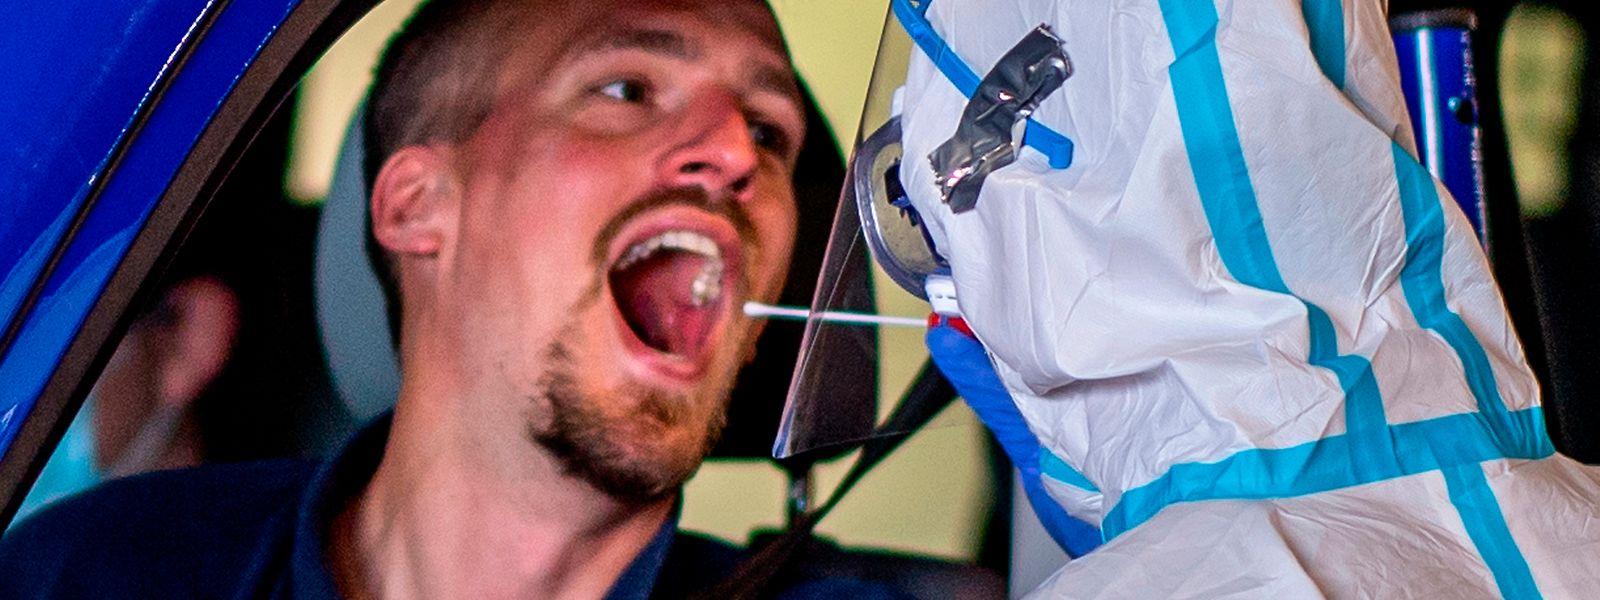 Nach wie vor wird auf intensives Testen gesetzt, um die Infektionsketten schnellstmöglich unterbrechen zu können.